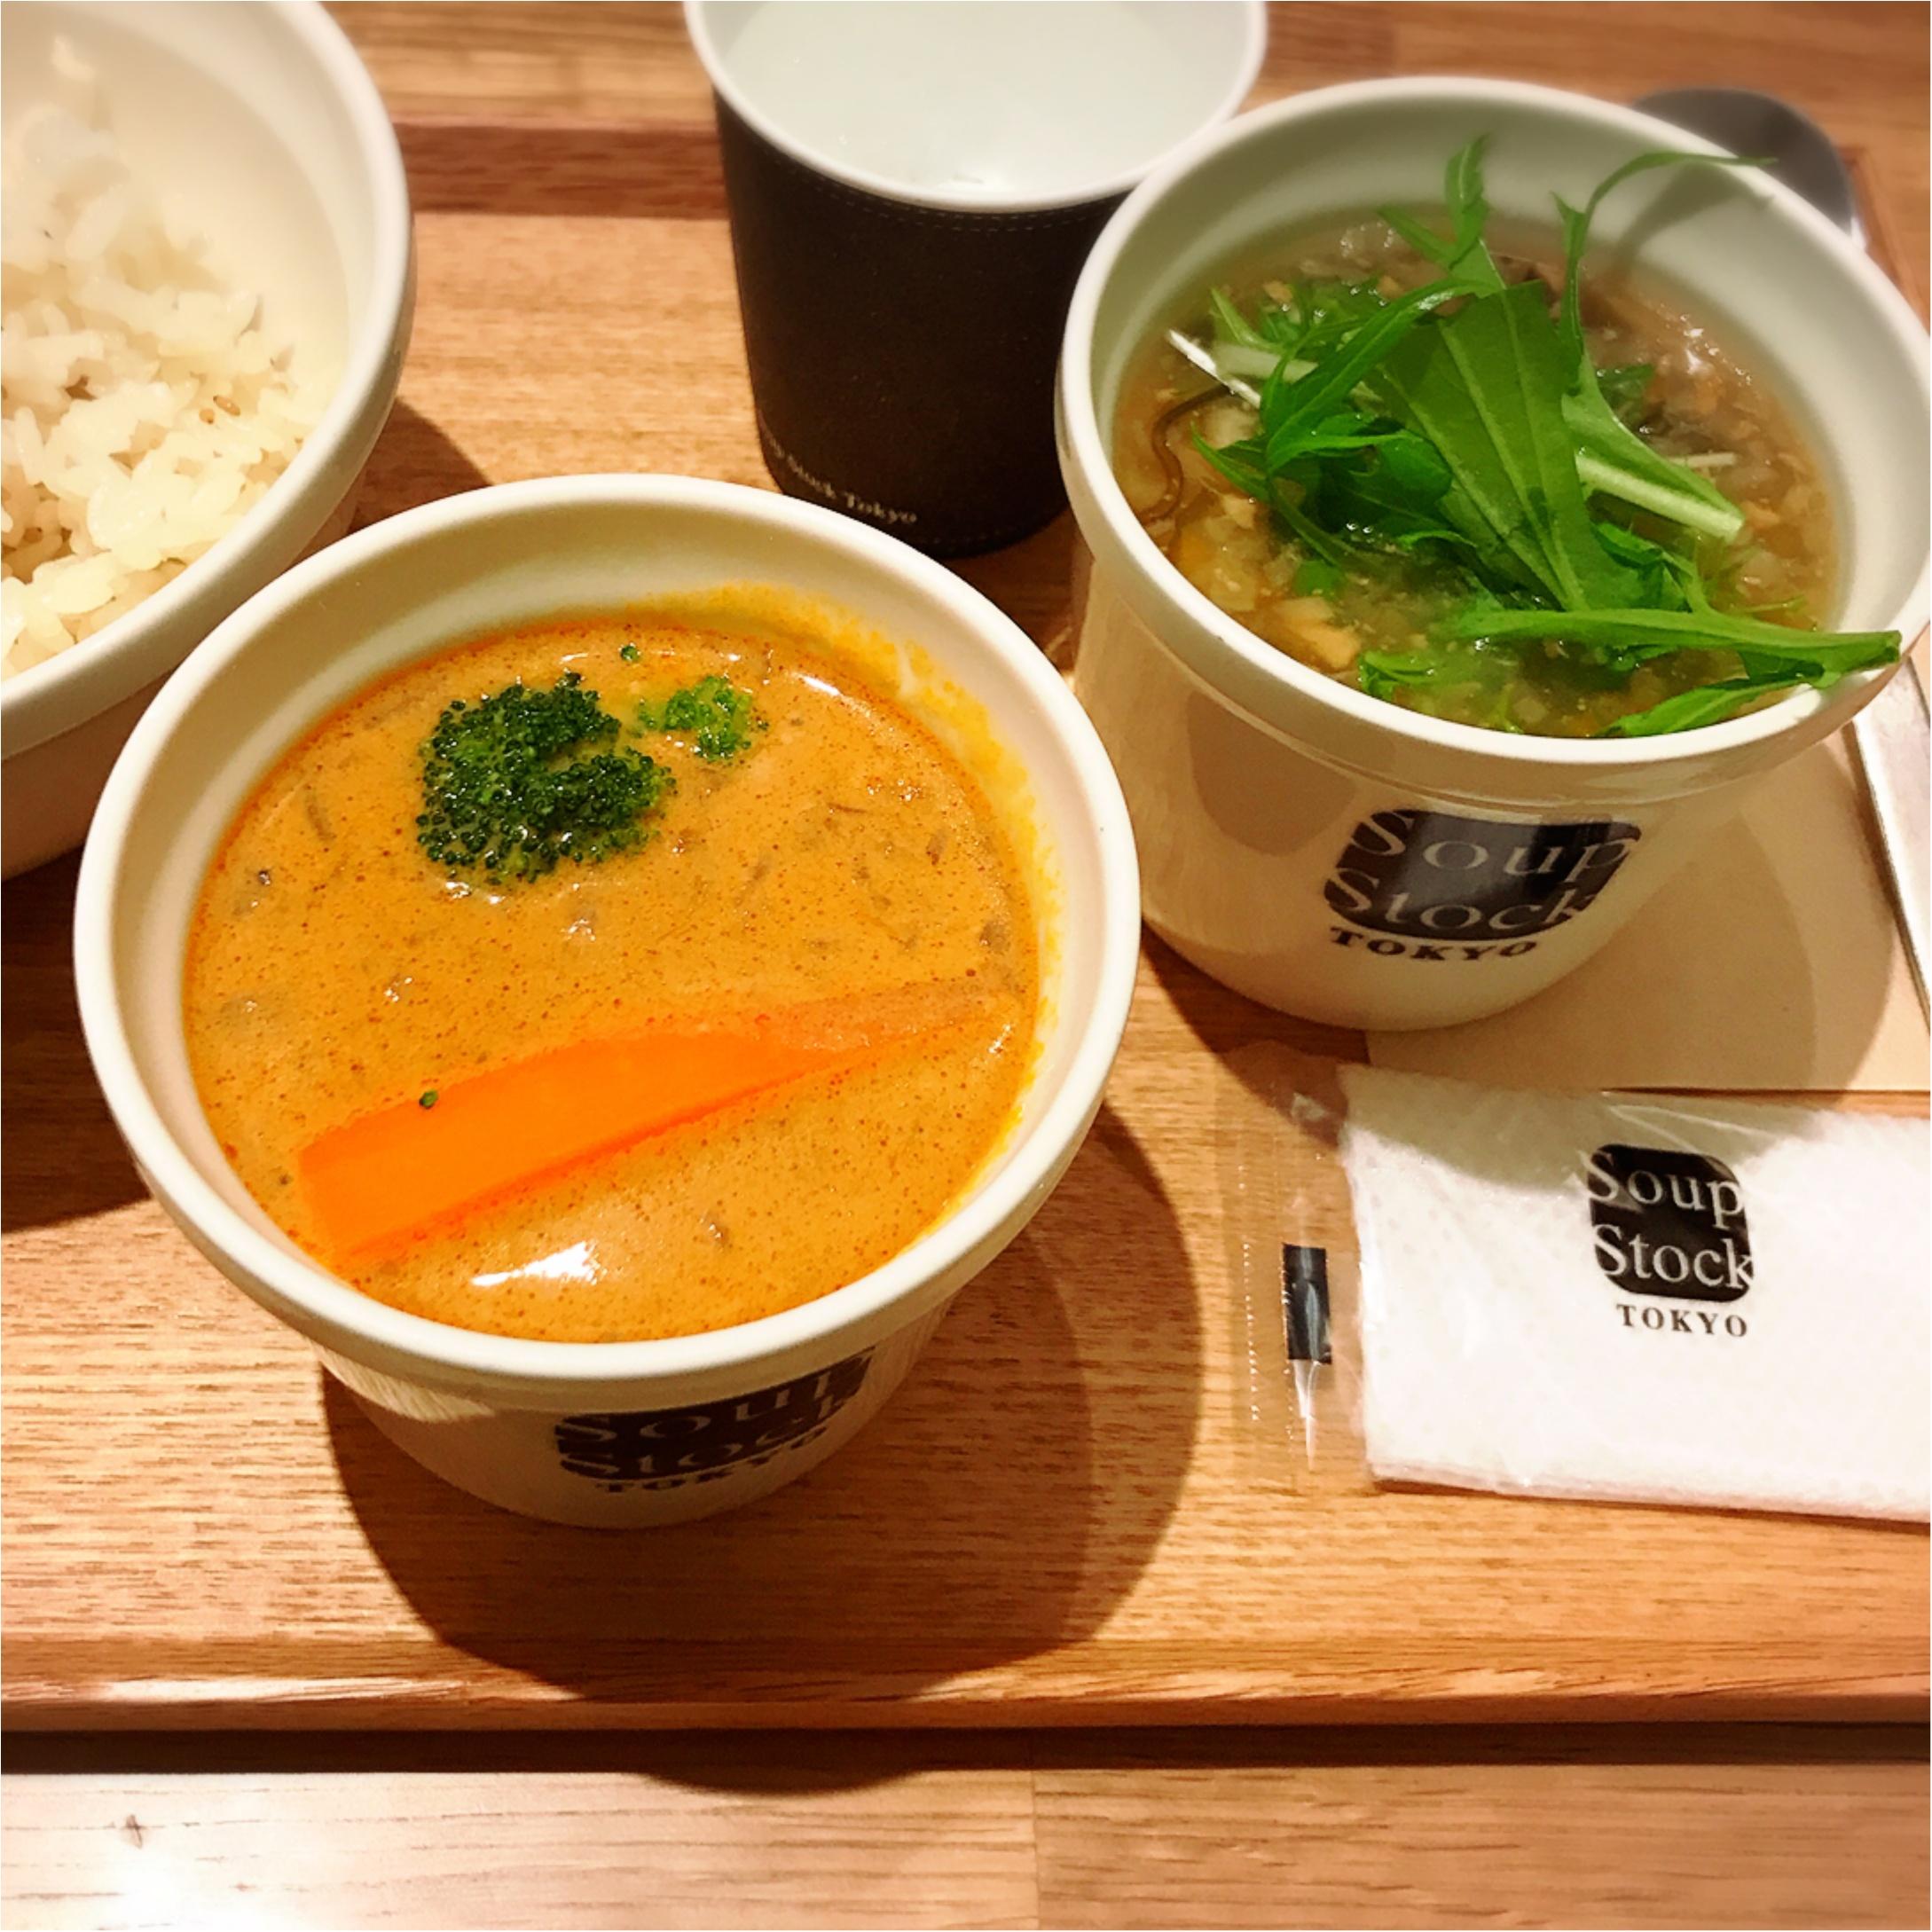 【Soup Stock Tokyo】寒い日に食べたい❤︎体があたたまるおすすめスープ☺︎_1